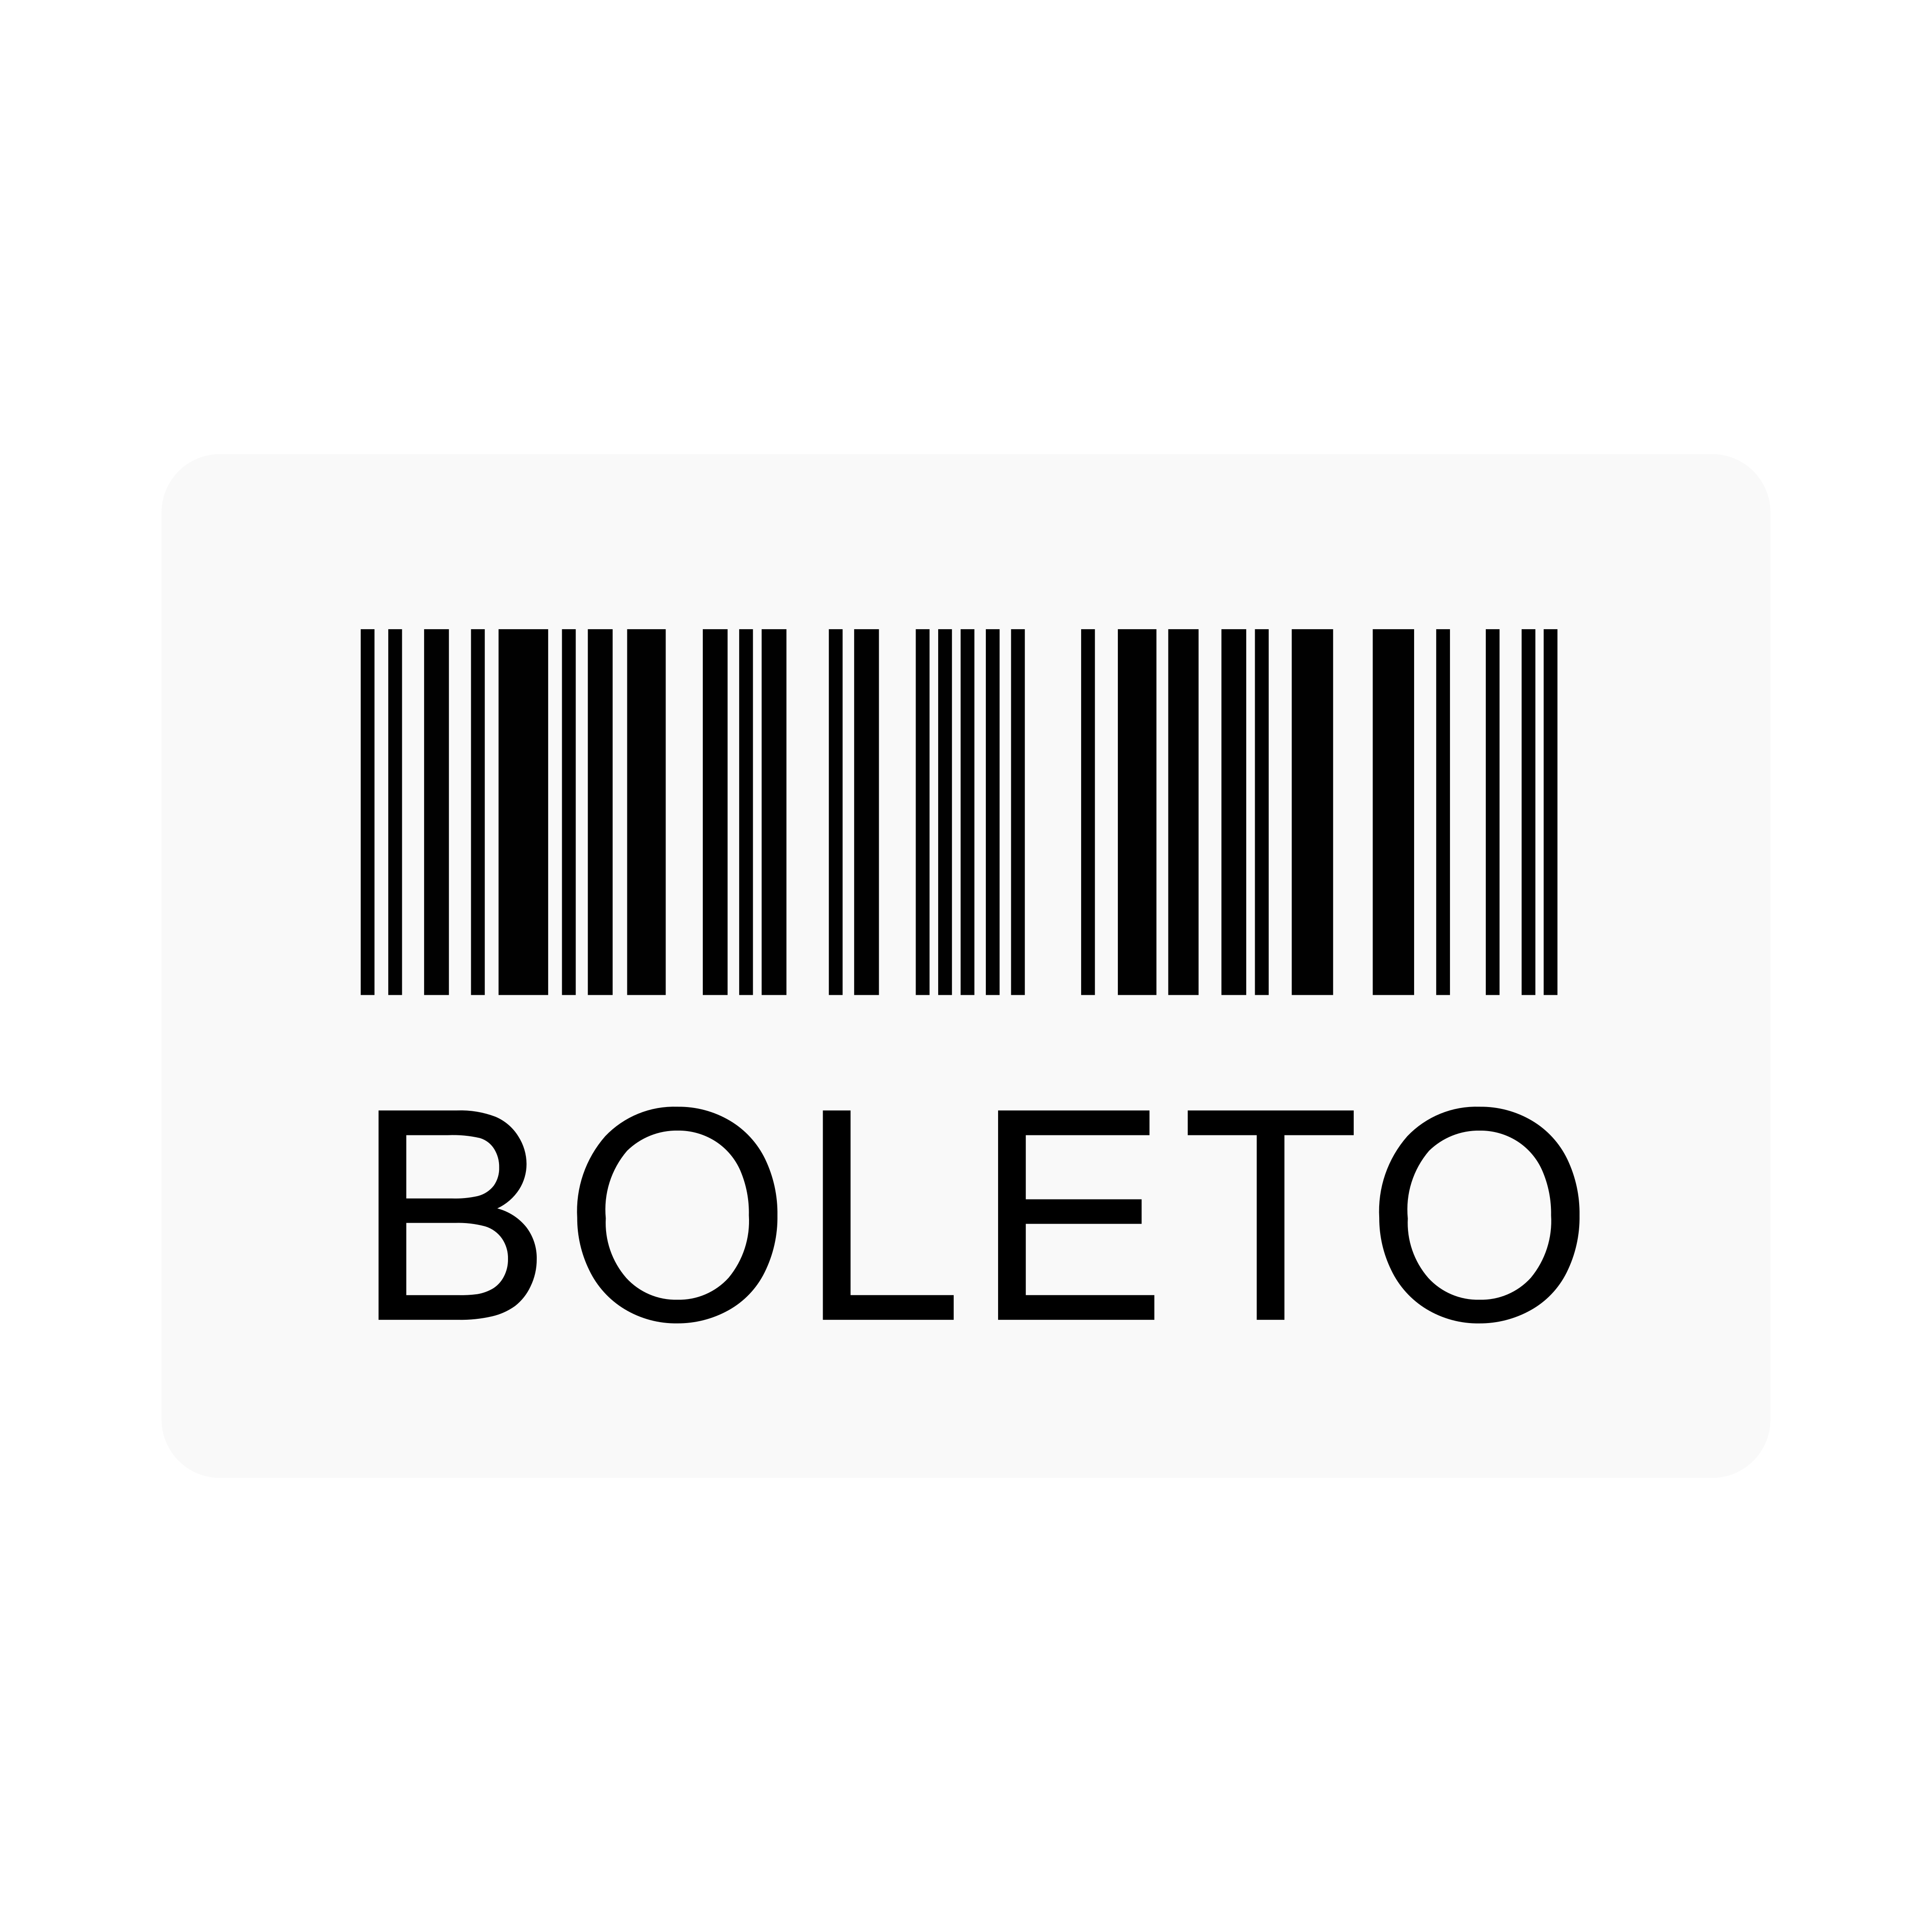 boleto logo 0 - Boleto Logo